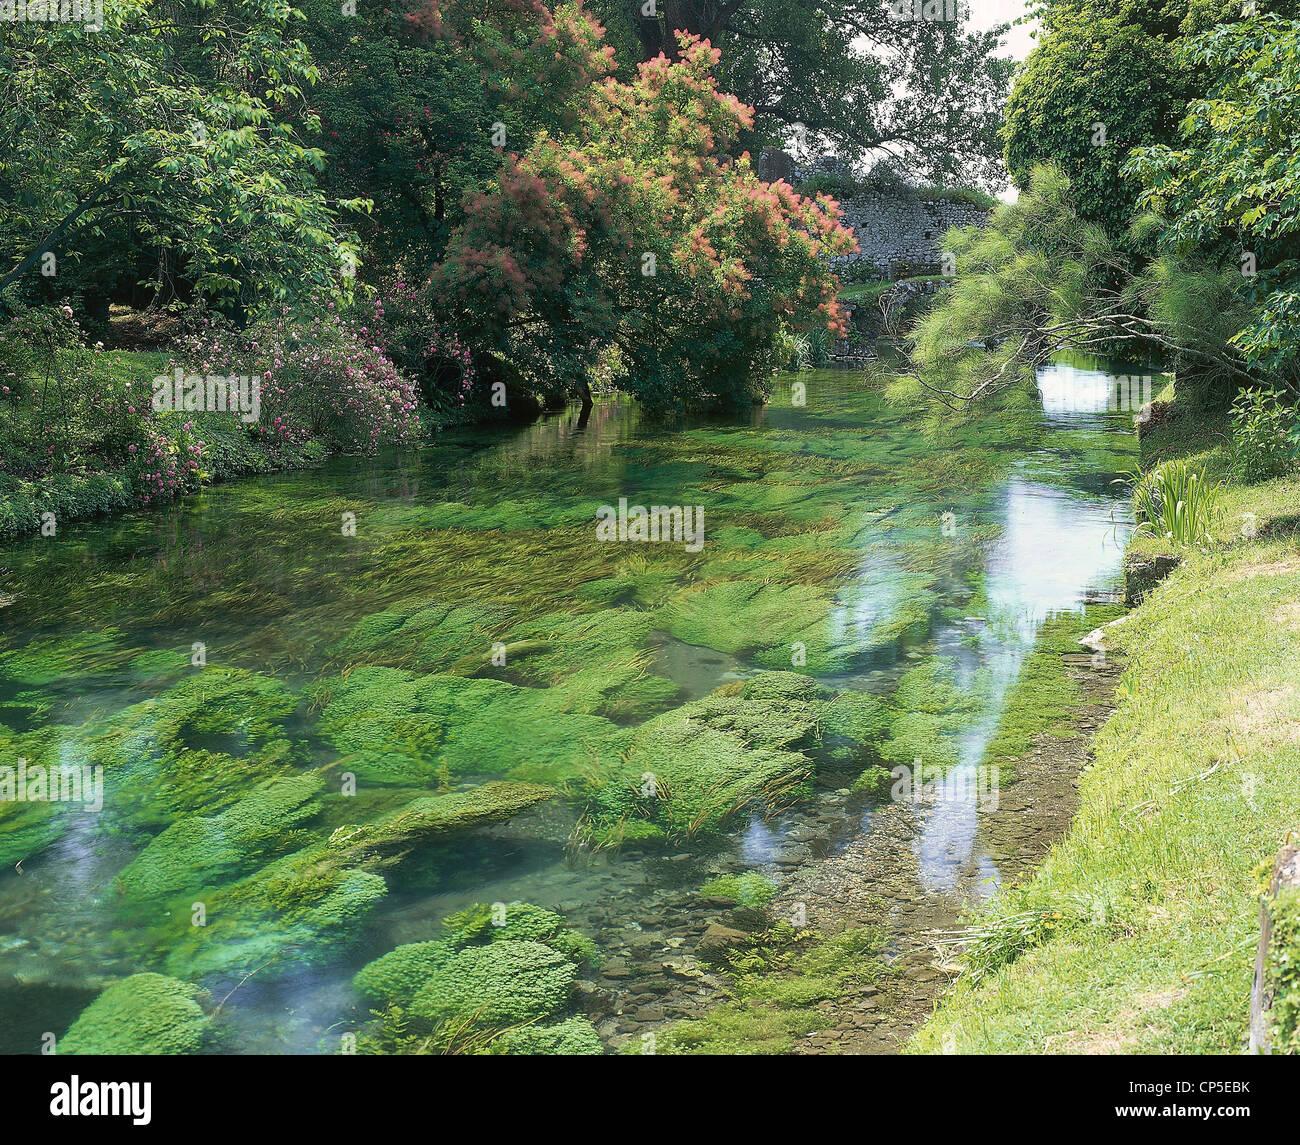 Lazio cisterna di latina lt giardini di ninfa oasi wwf il fiume ninfa attraverso la - I giardini di alice latina lt ...